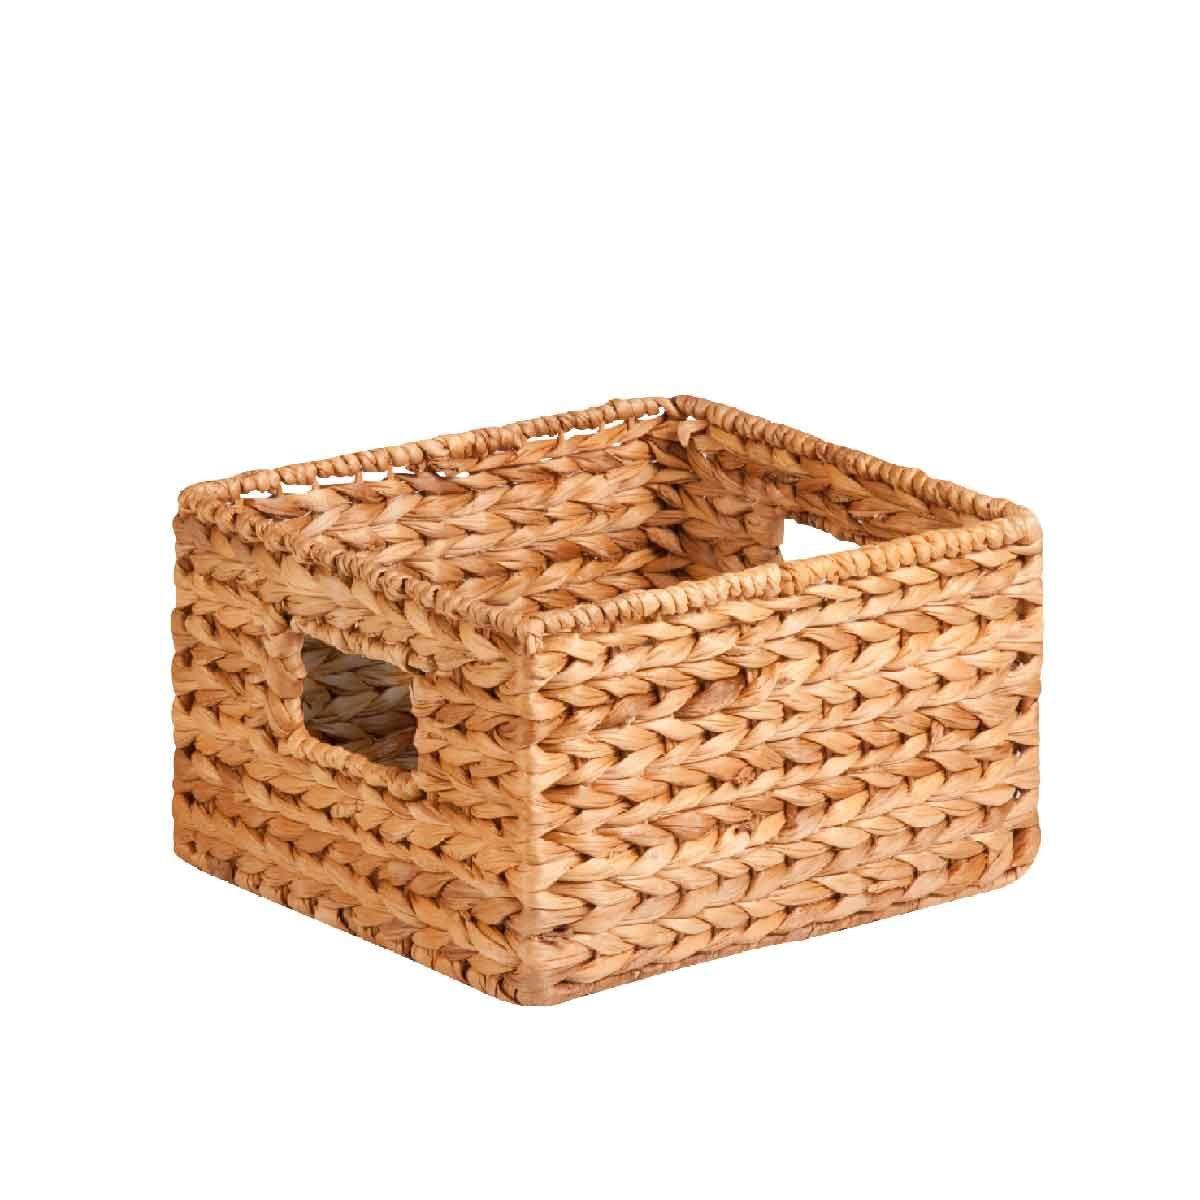 panier carr en jacinthe d 39 eau 16 5x26 5x26 5. Black Bedroom Furniture Sets. Home Design Ideas